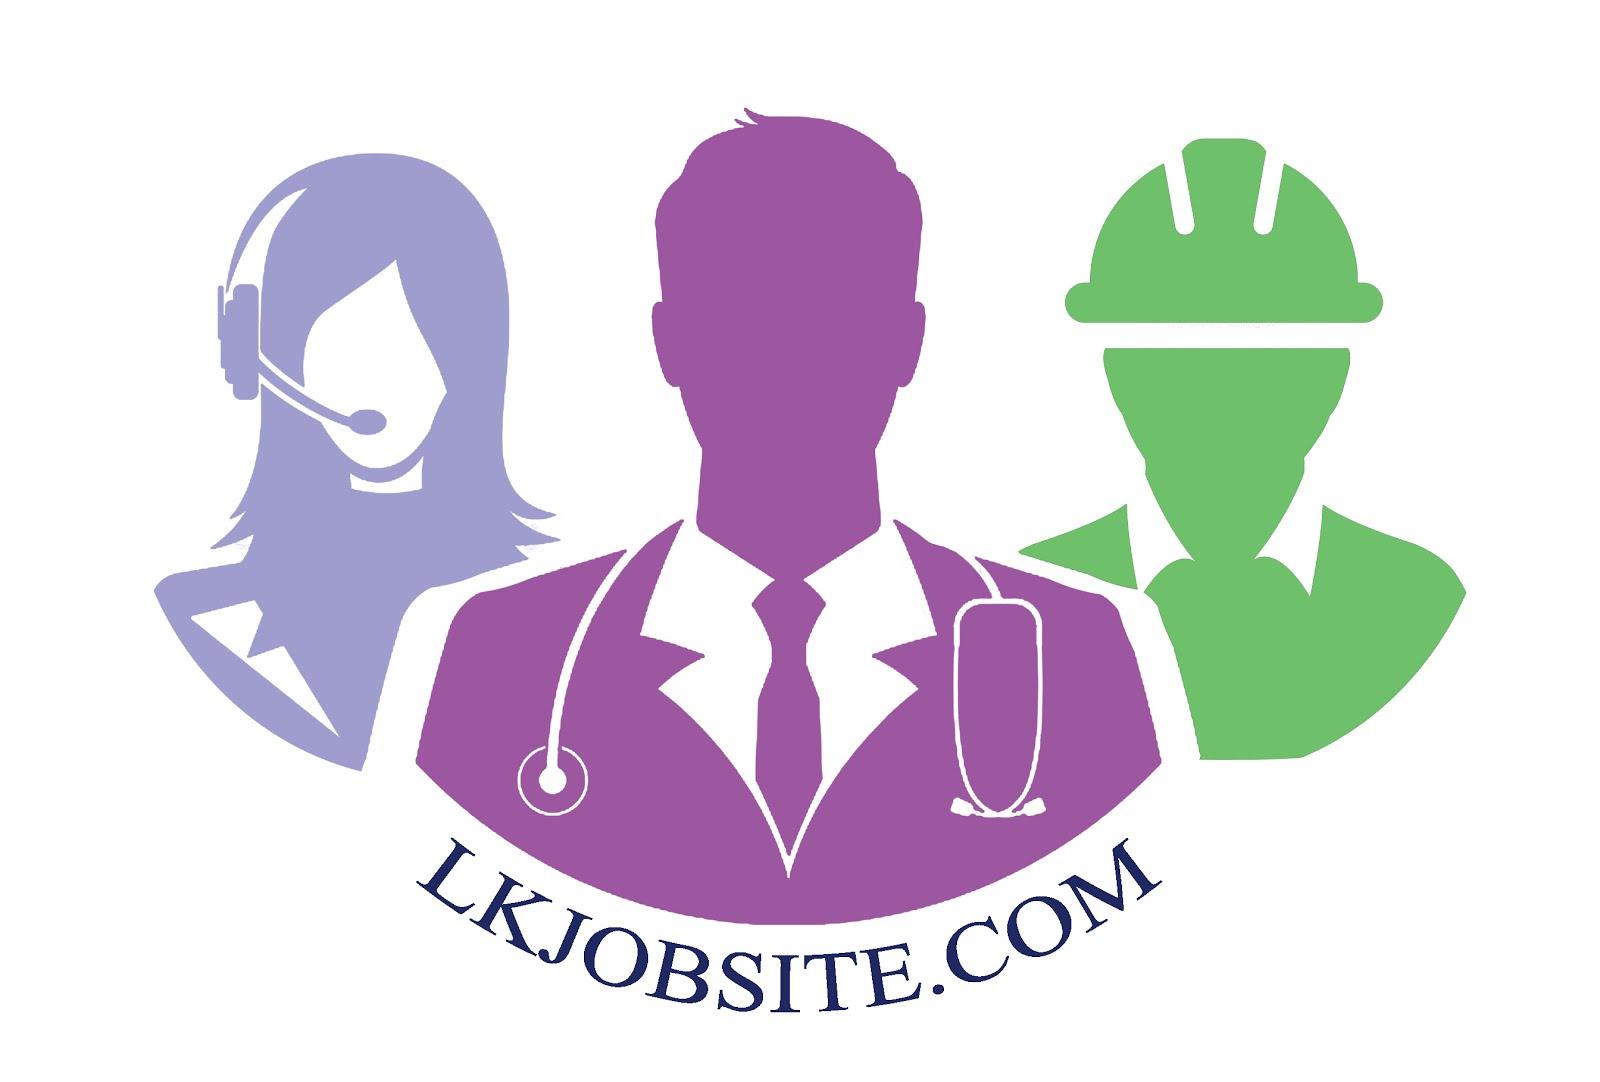 www.lkjobsite.com